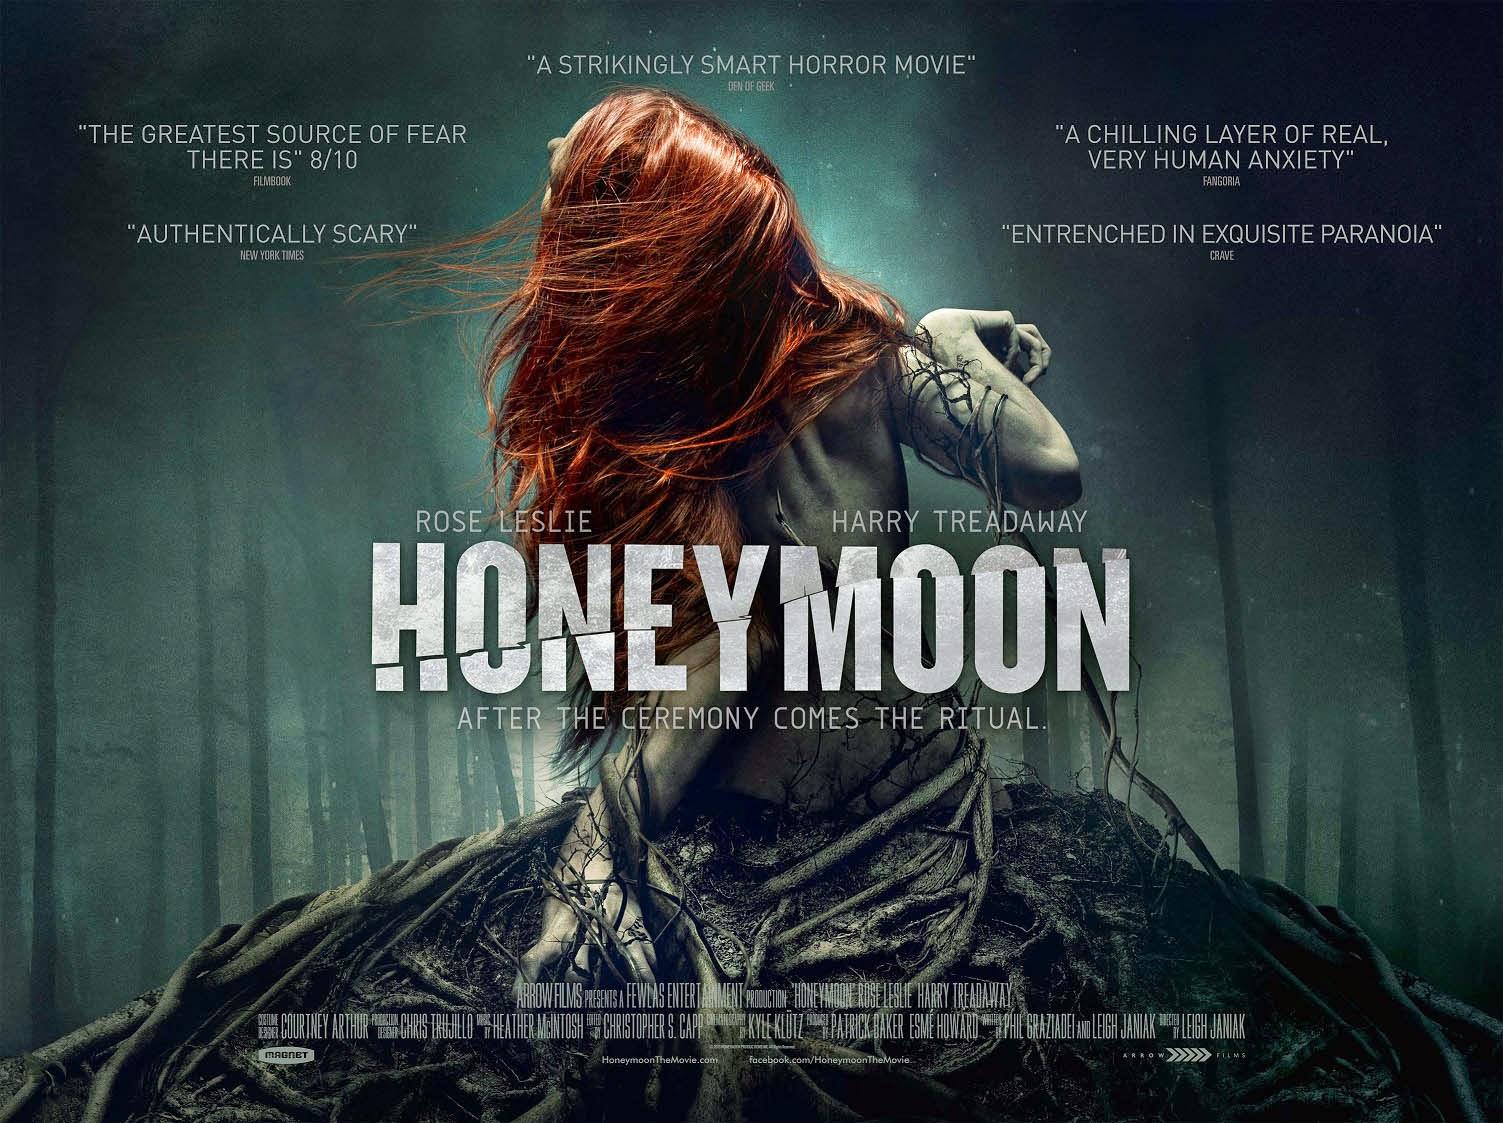 honeymoon-movie-poster-2